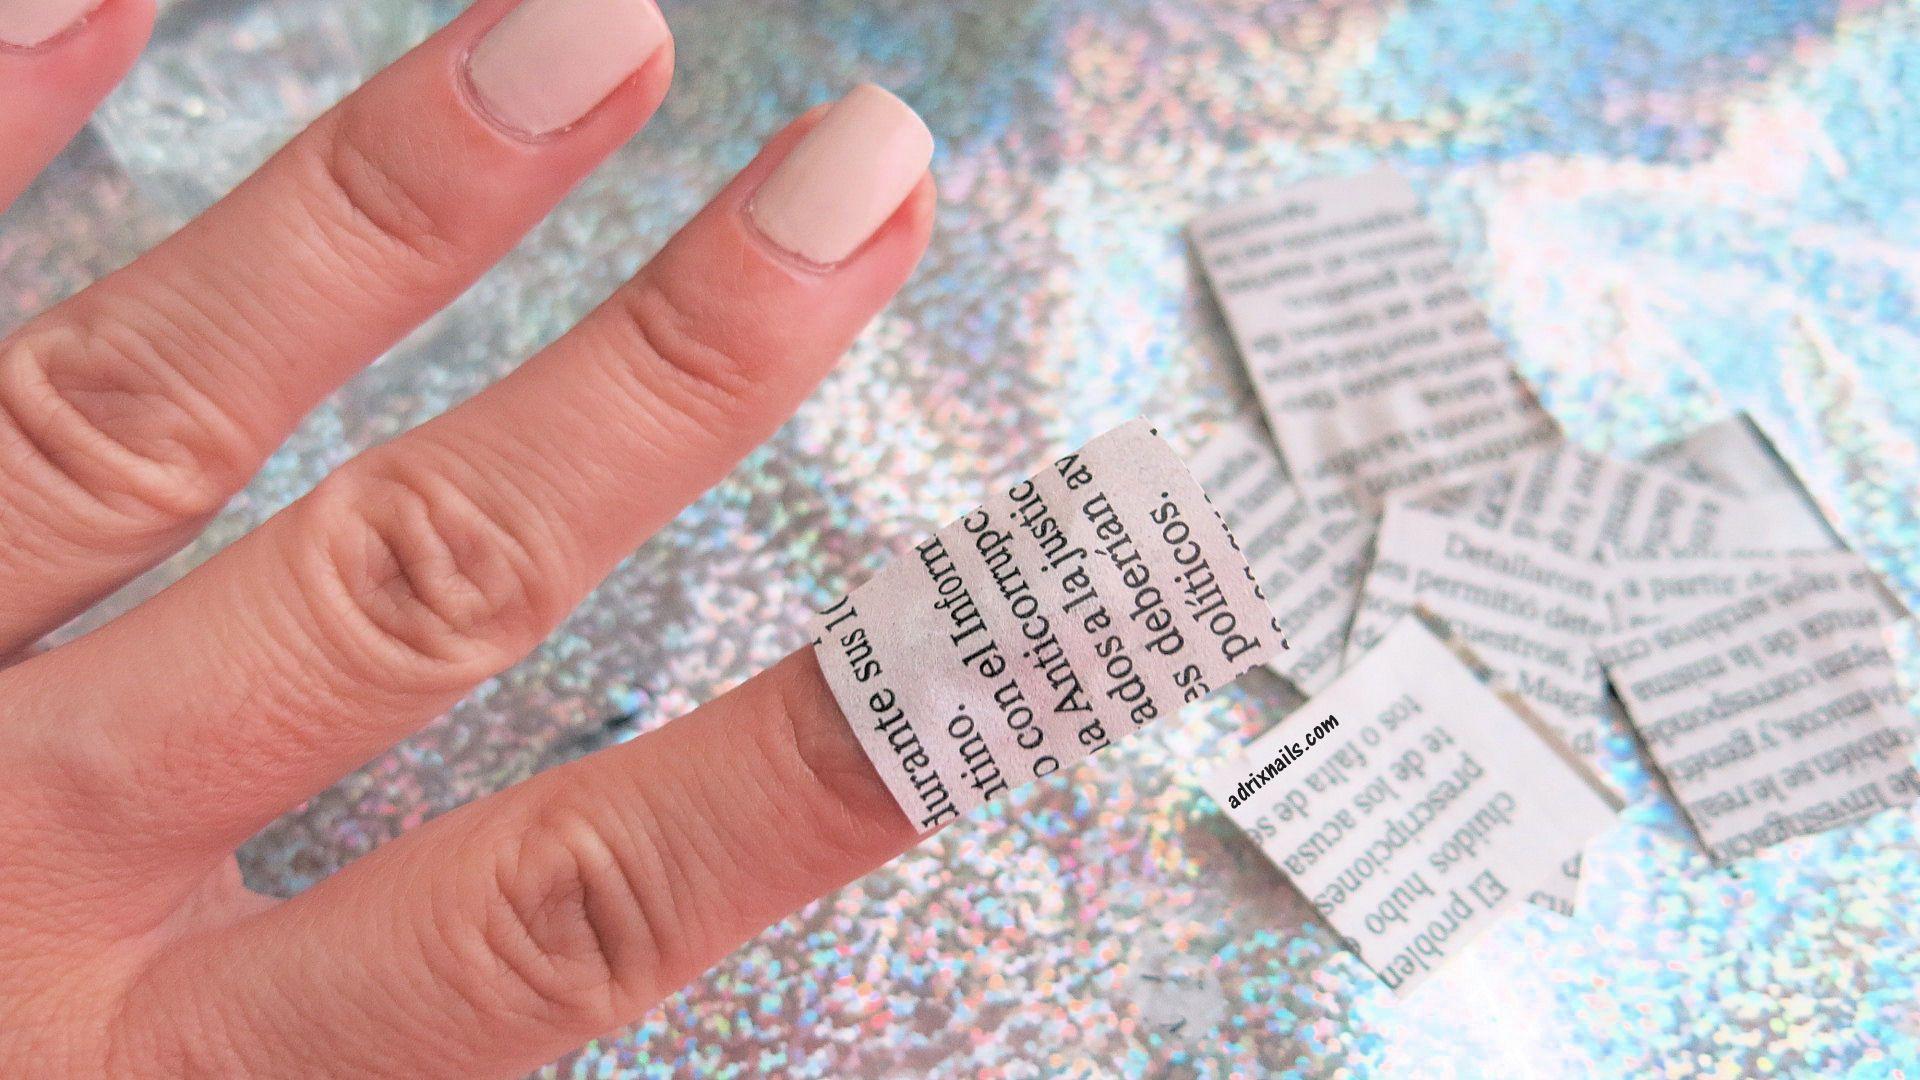 Tutorial de u as decoradas con esmalte paso a paso para - Unas decoradas con esmalte ...